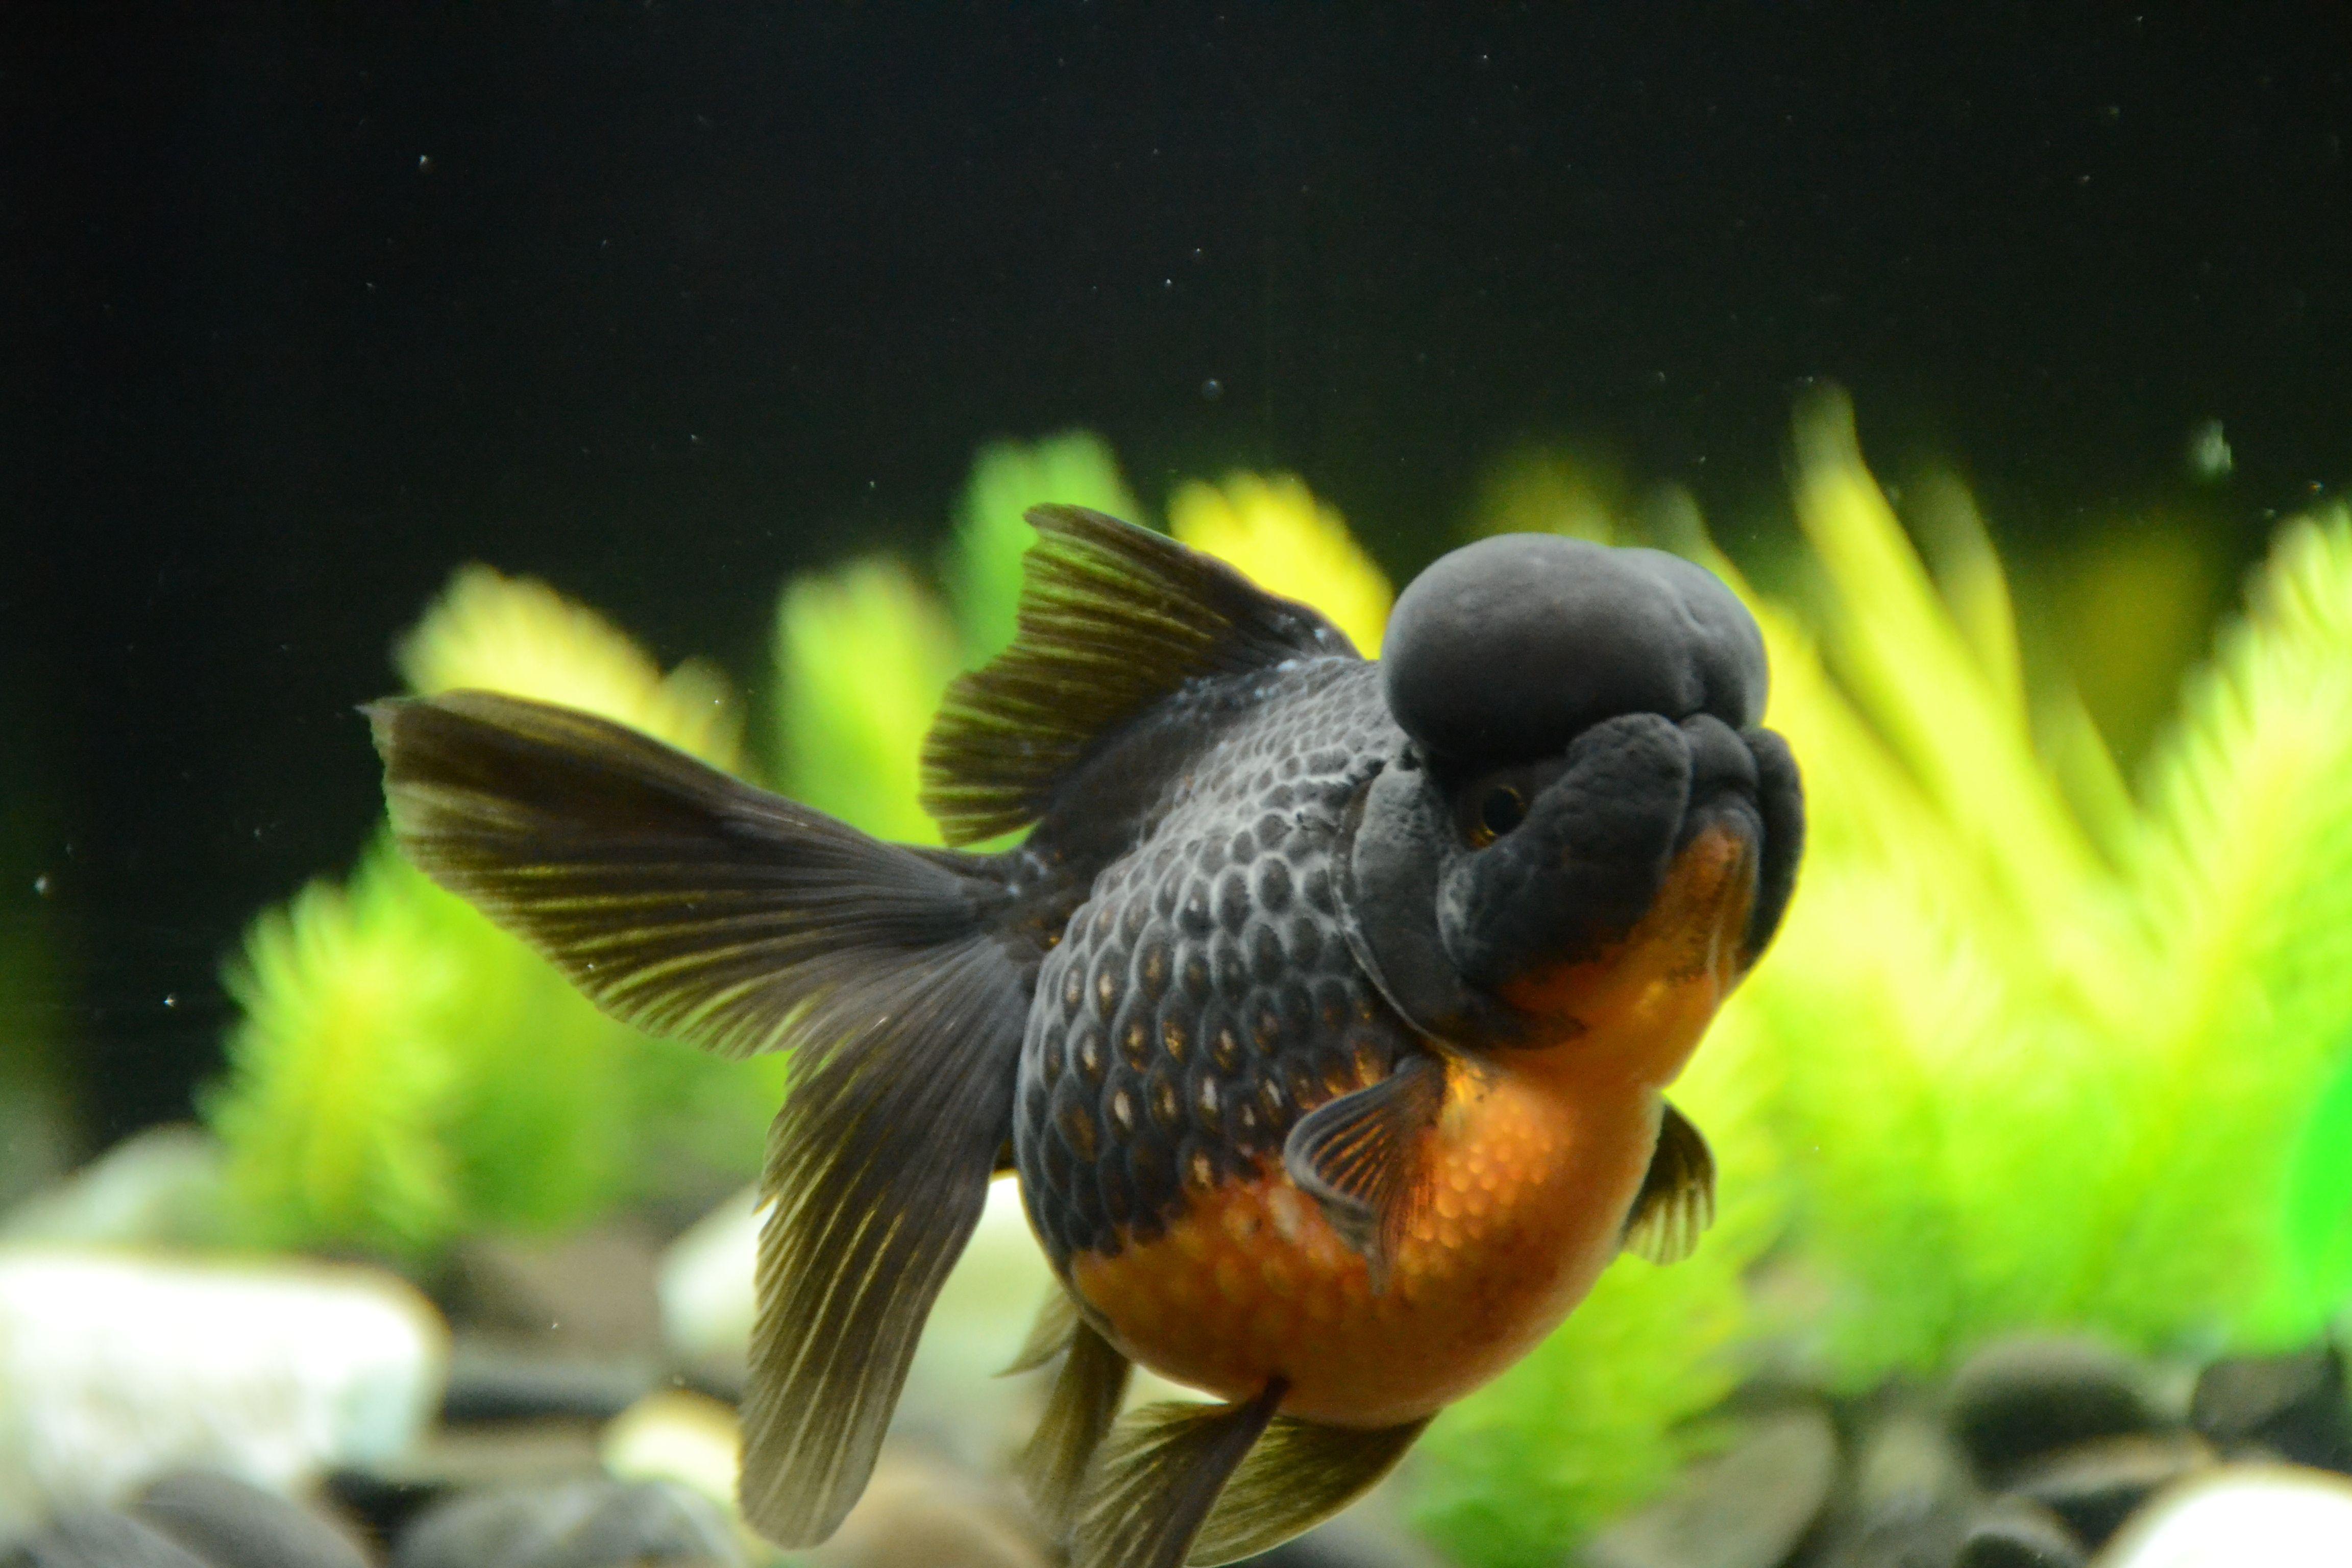 Black Pearlscale Oranda Goldfish Black Body With Orange Belly Buygoldfishonline Com Goldfish Live Aquarium Oranda Goldfish